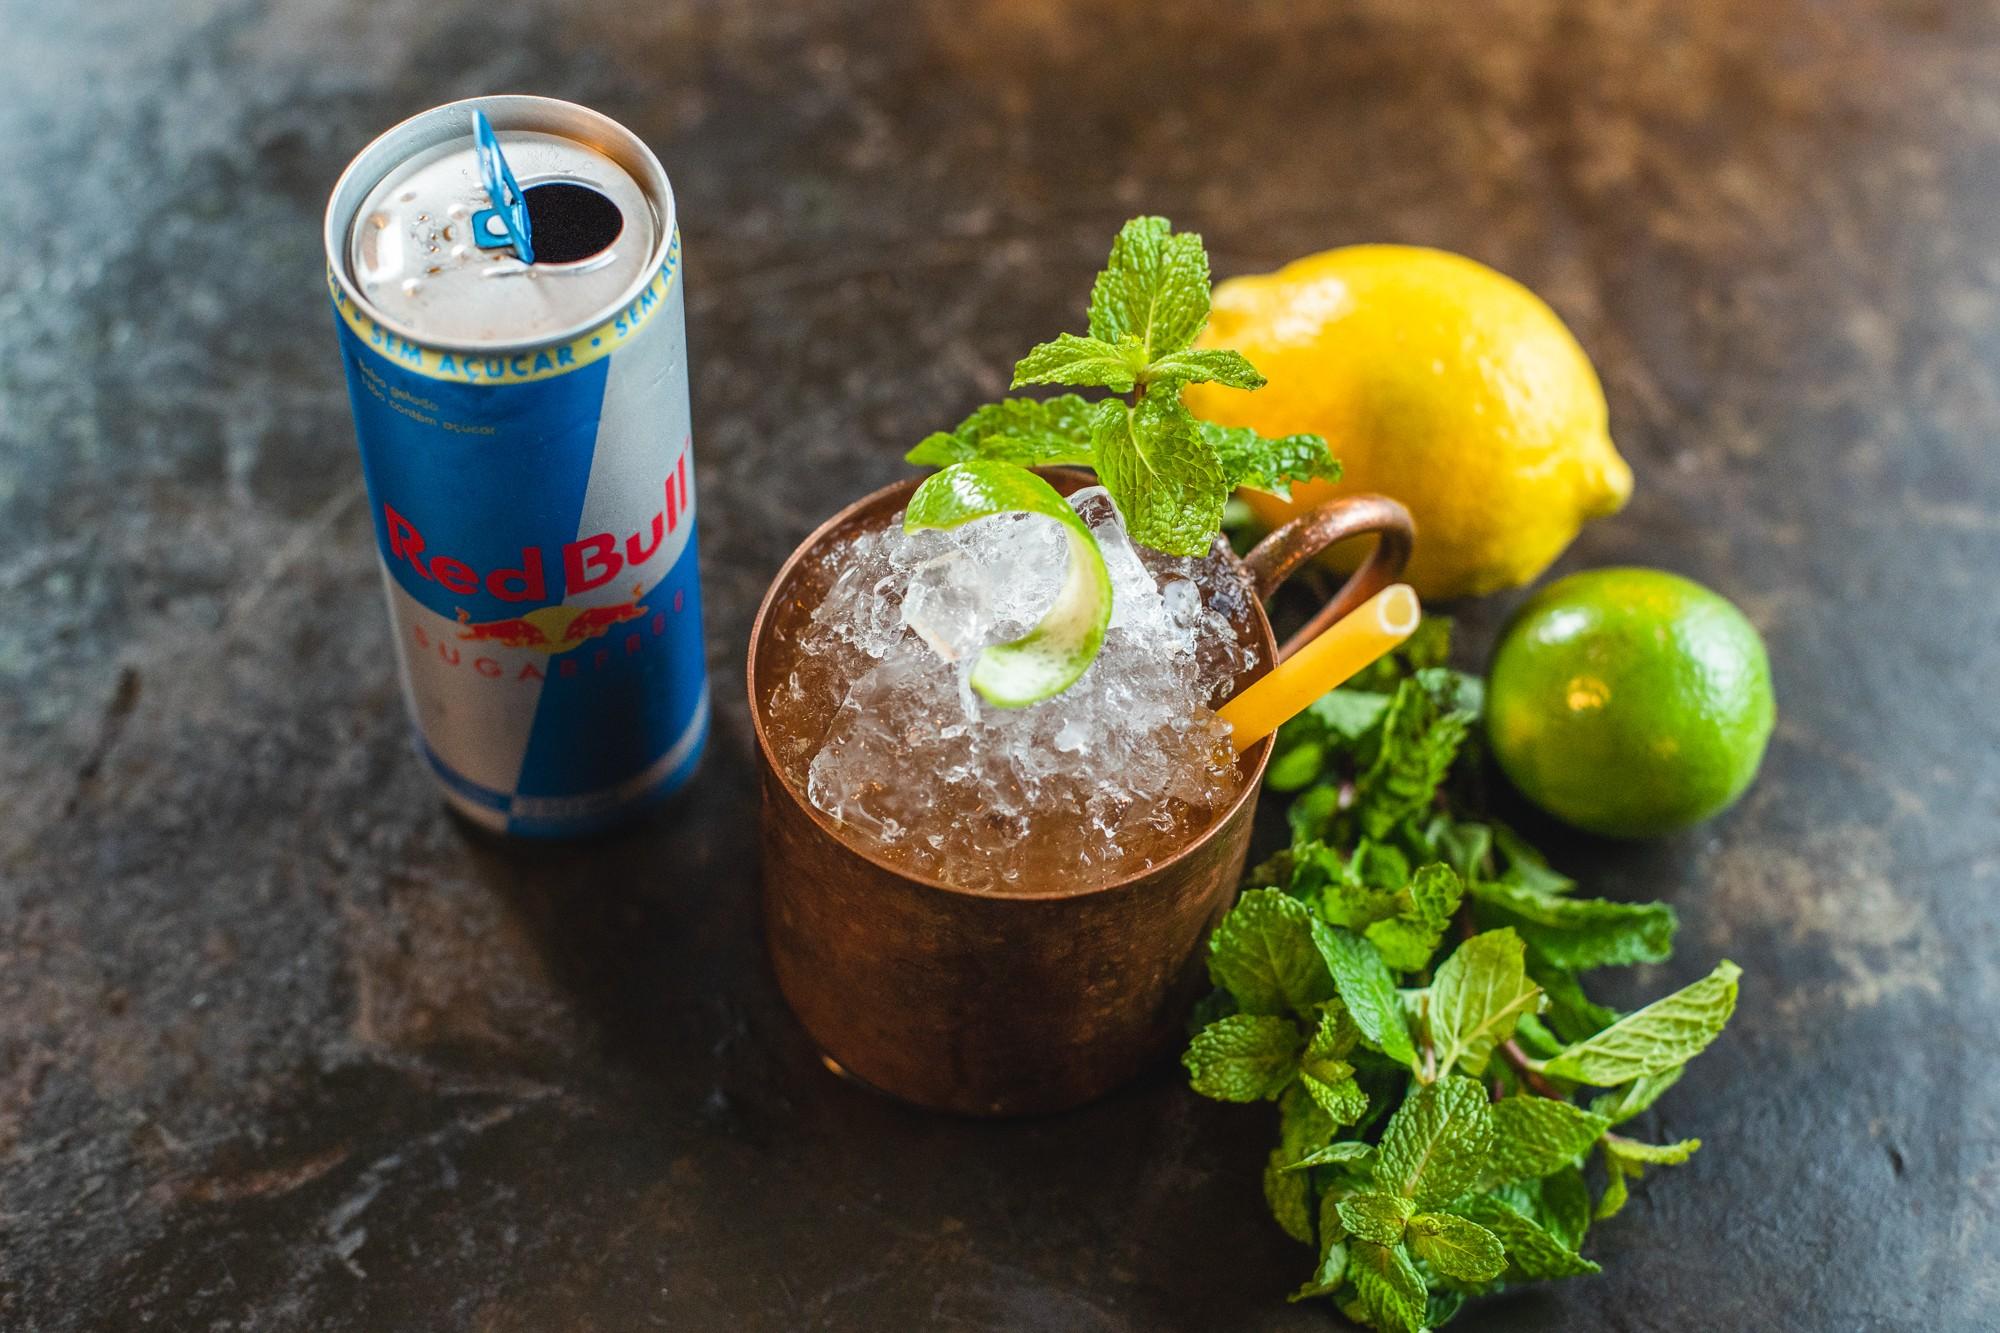 Aprenda a fazer drinks com energético com três receitas fáceis (Foto: Felipe Gabriel/Divulgação)